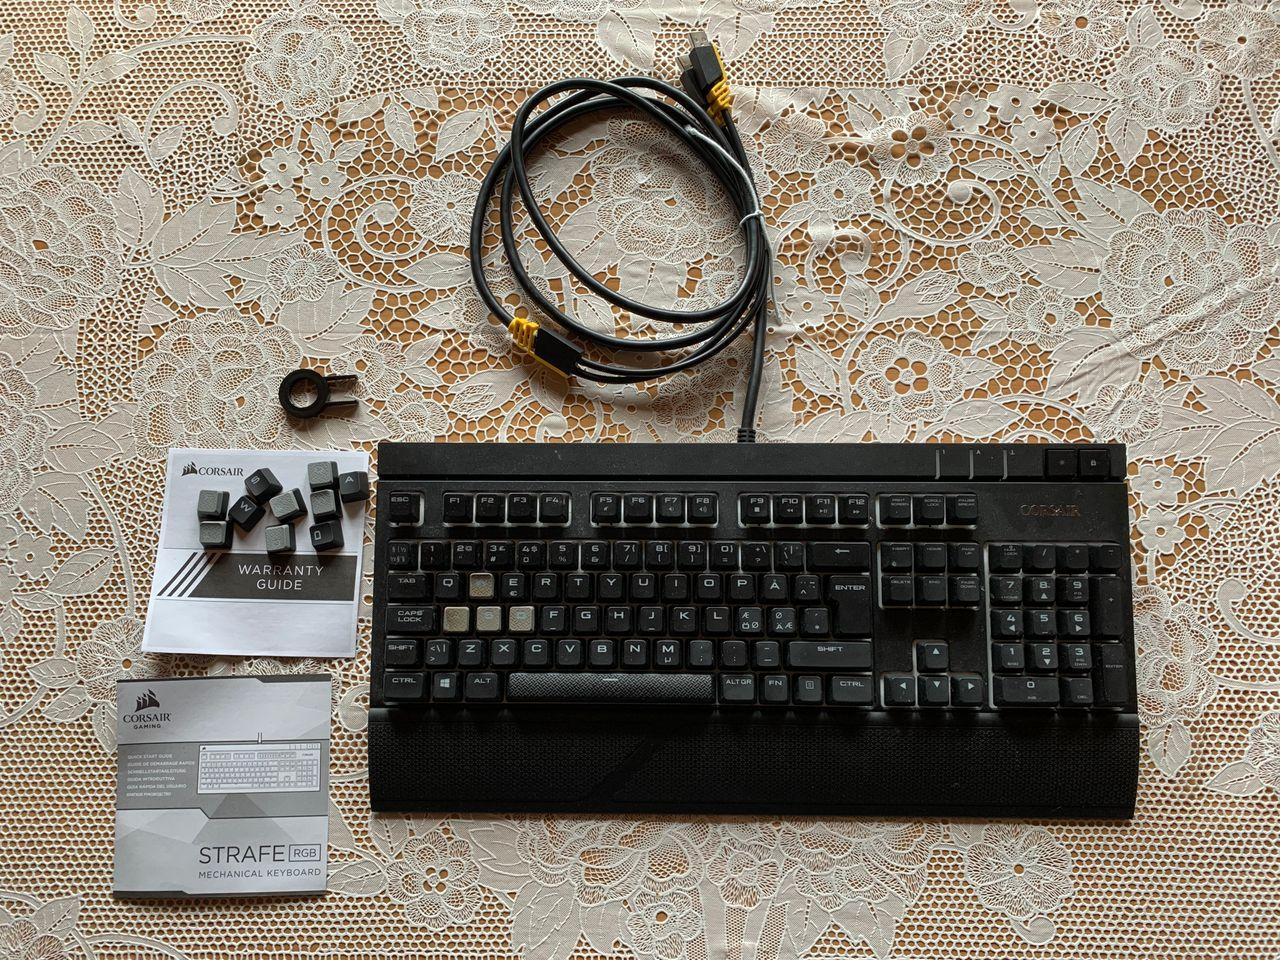 Corsair Gaming Strafe Tastatur Rød Komplett.no